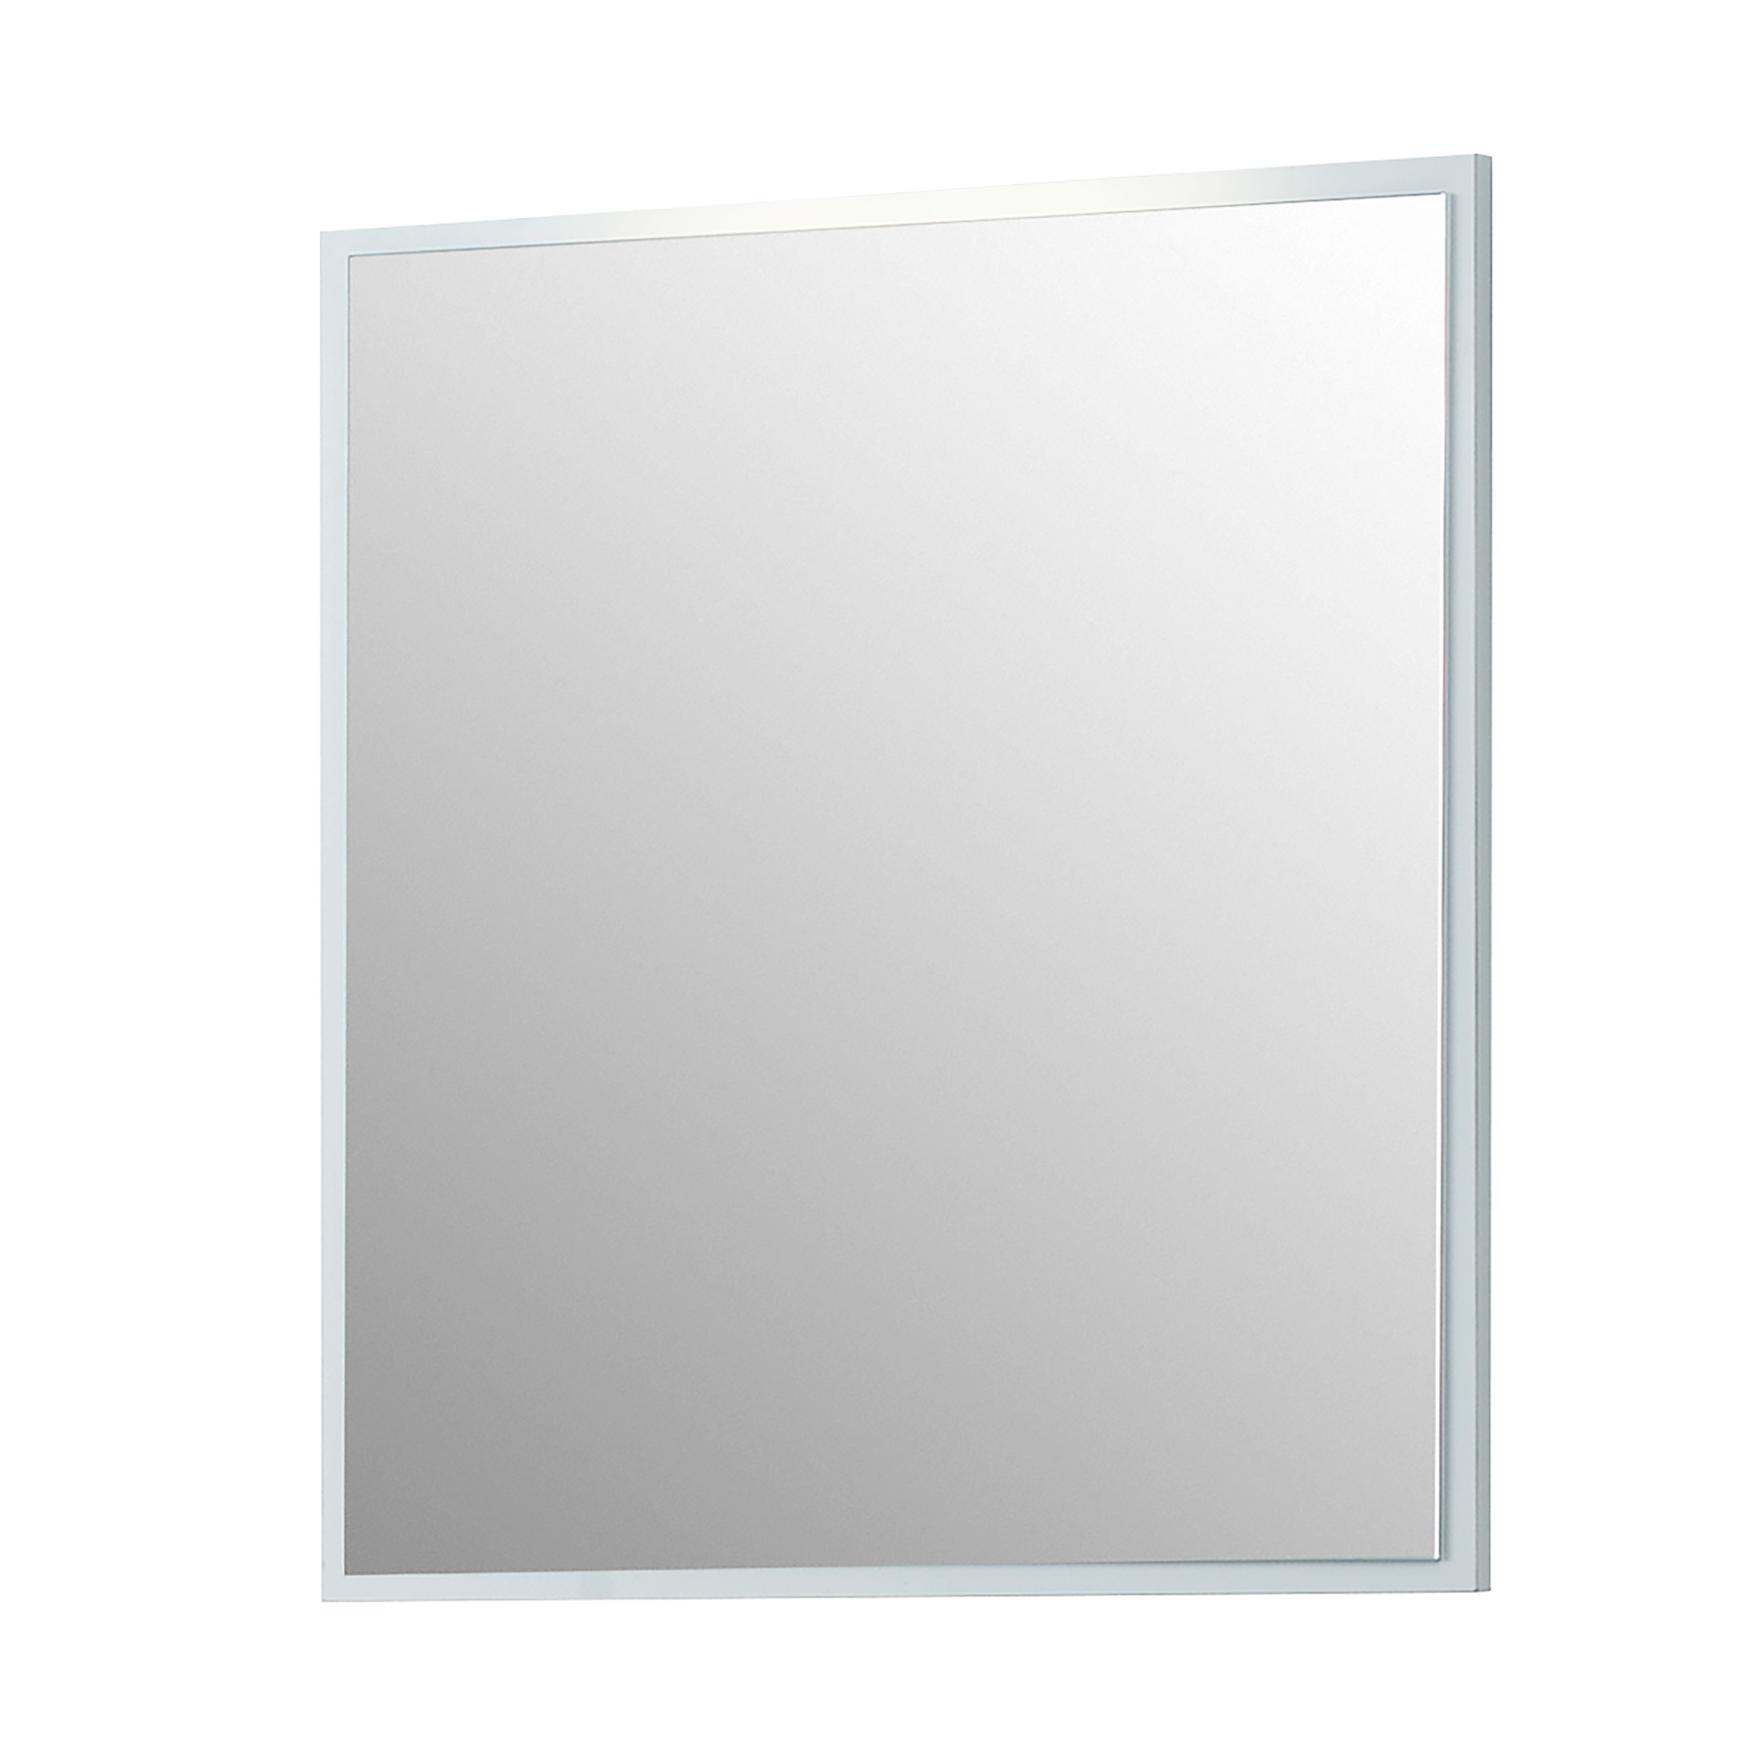 bad spiegel montreal 60 cm breit wei bad spiegelschr nke. Black Bedroom Furniture Sets. Home Design Ideas